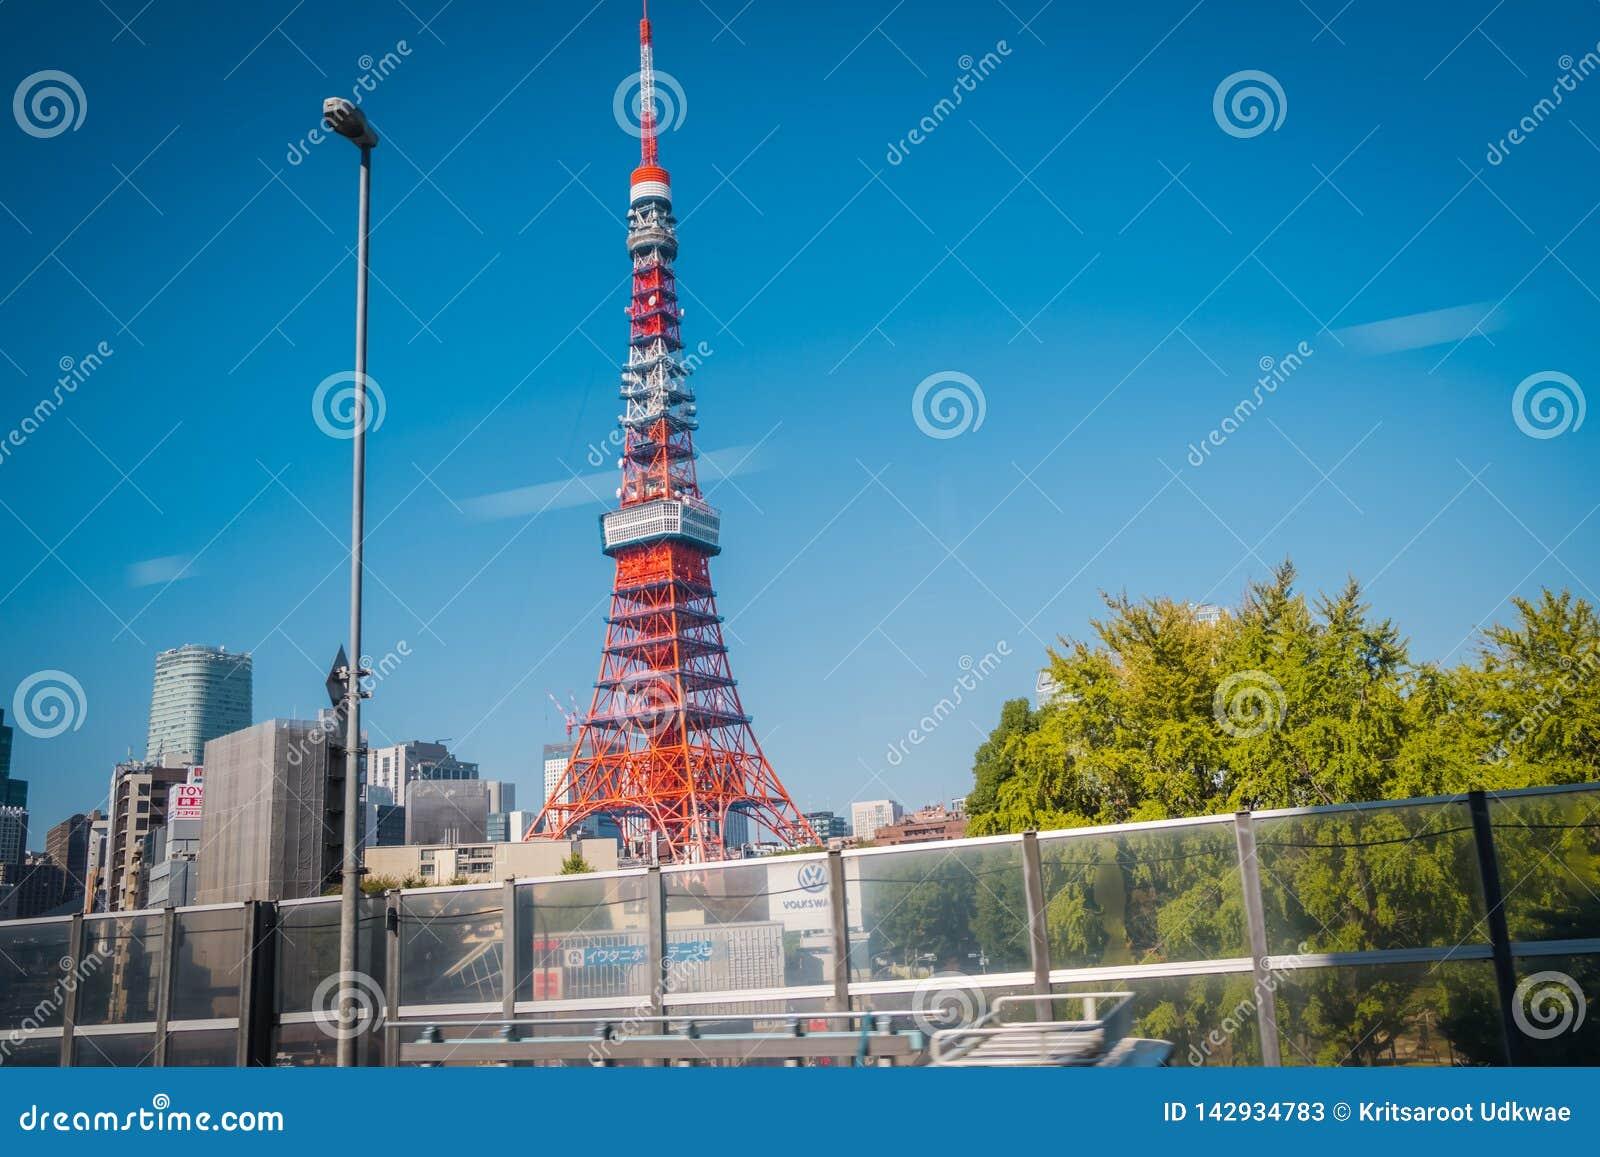 De toren van Tokyo bij shiba-Koen district, Tokyo, Japan